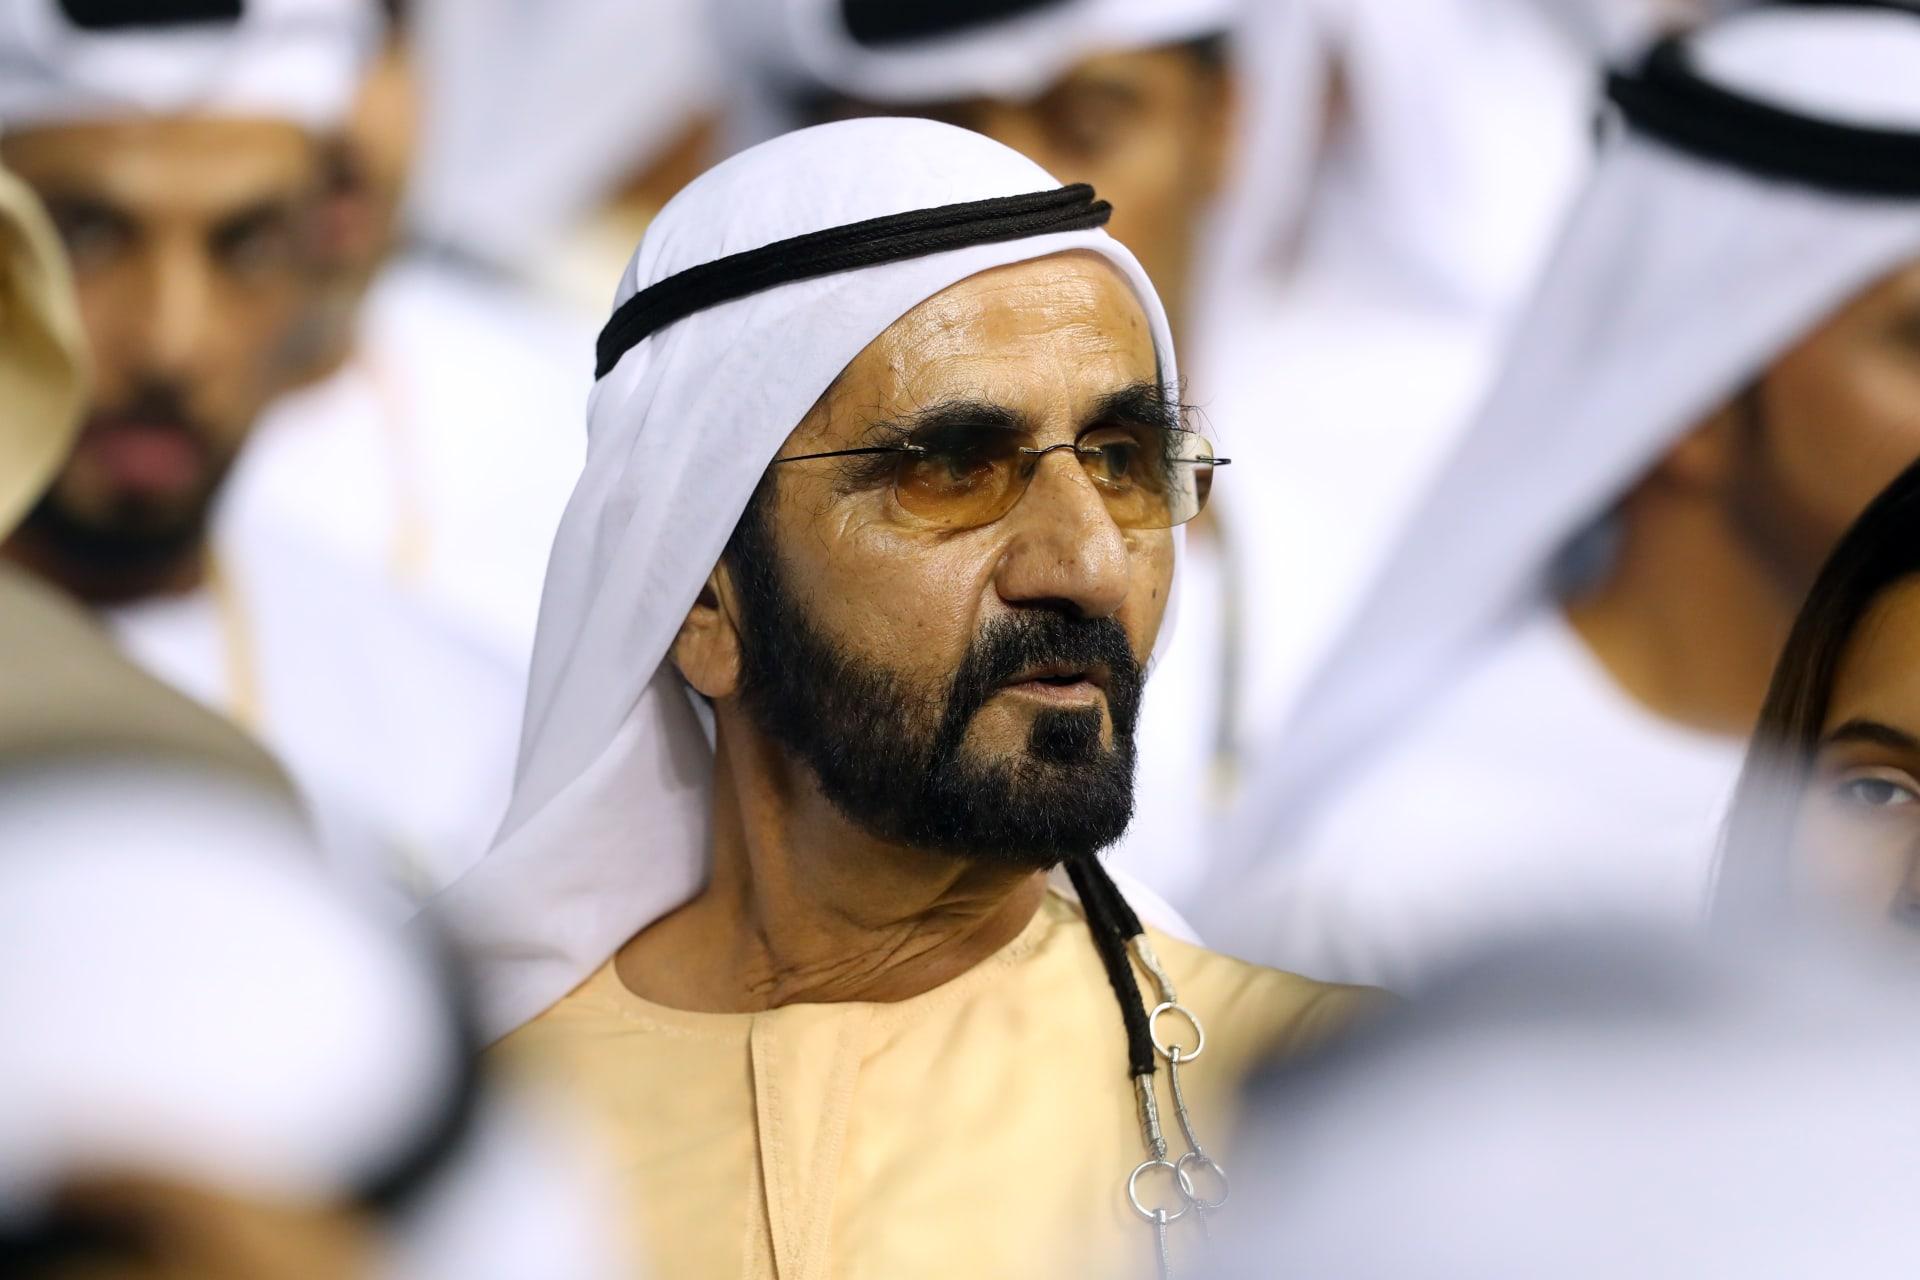 الشيخ محمد بن راشد نائب رئيس دولة الإمارات رئيس مجلس الوزراء حاكم دبي